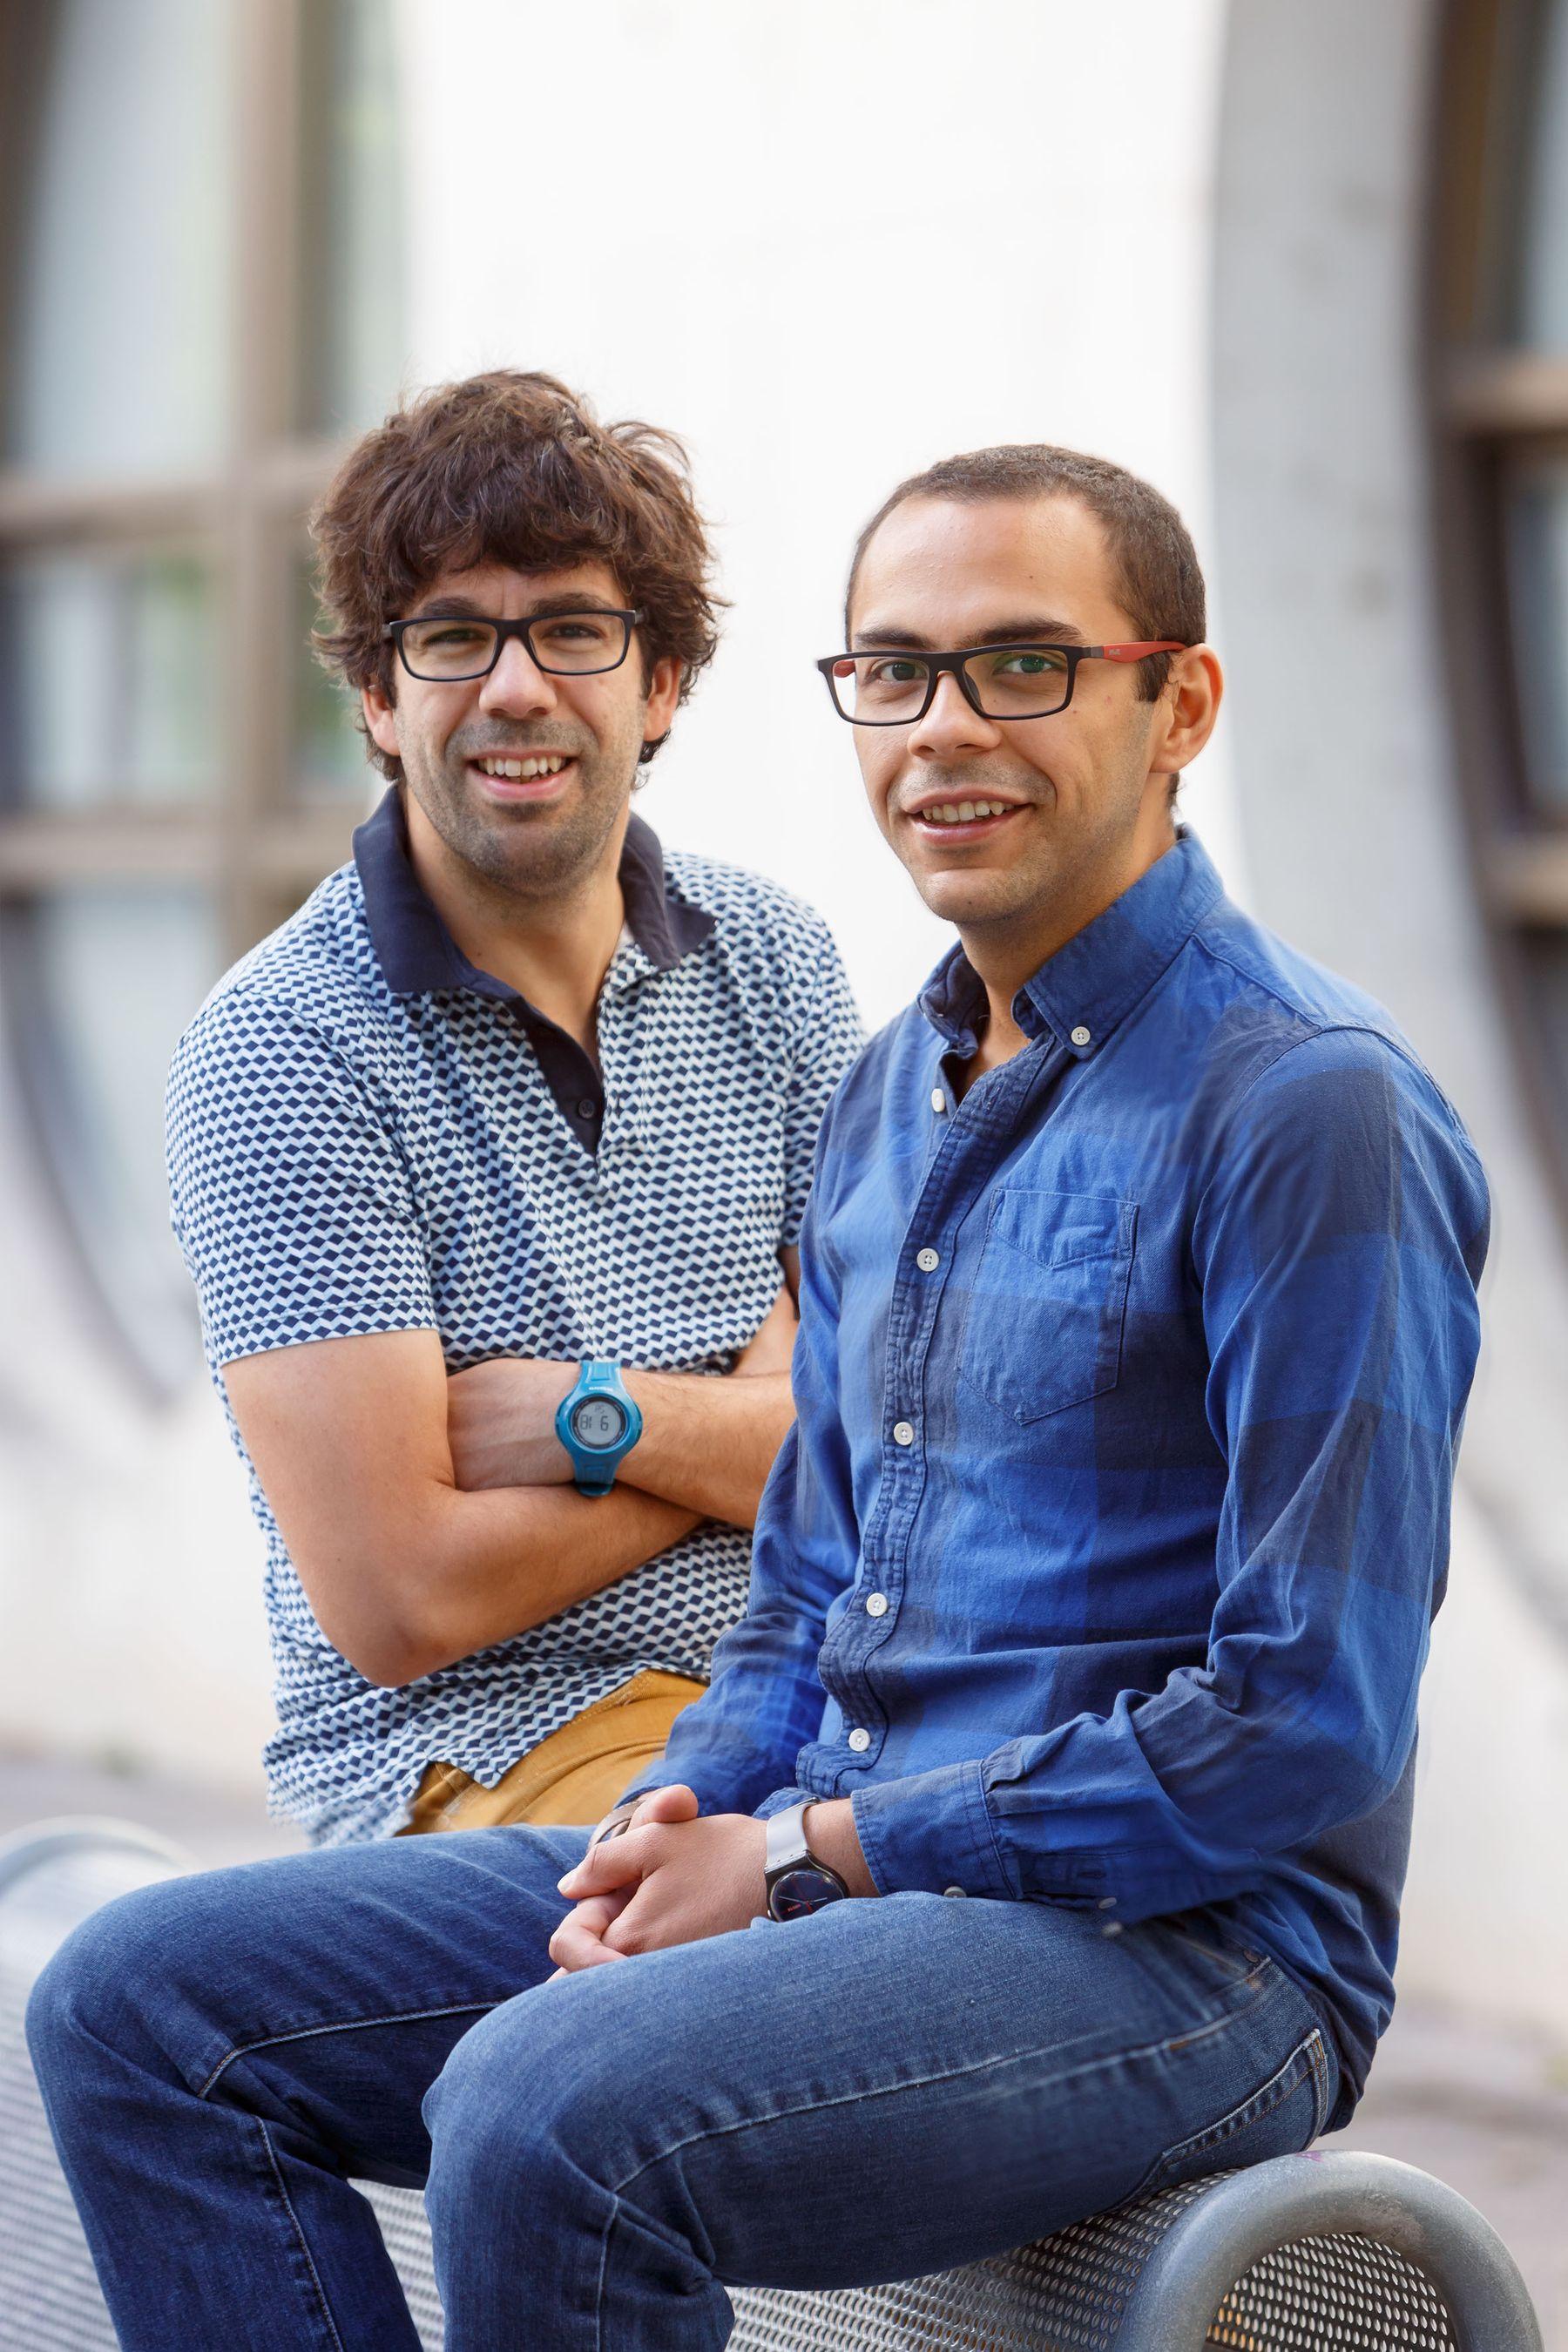 Miguel Beruete (al fondo) y Víctor Pacheco, autores de la investigación, en el campus de Arrosadia de la UPNA.